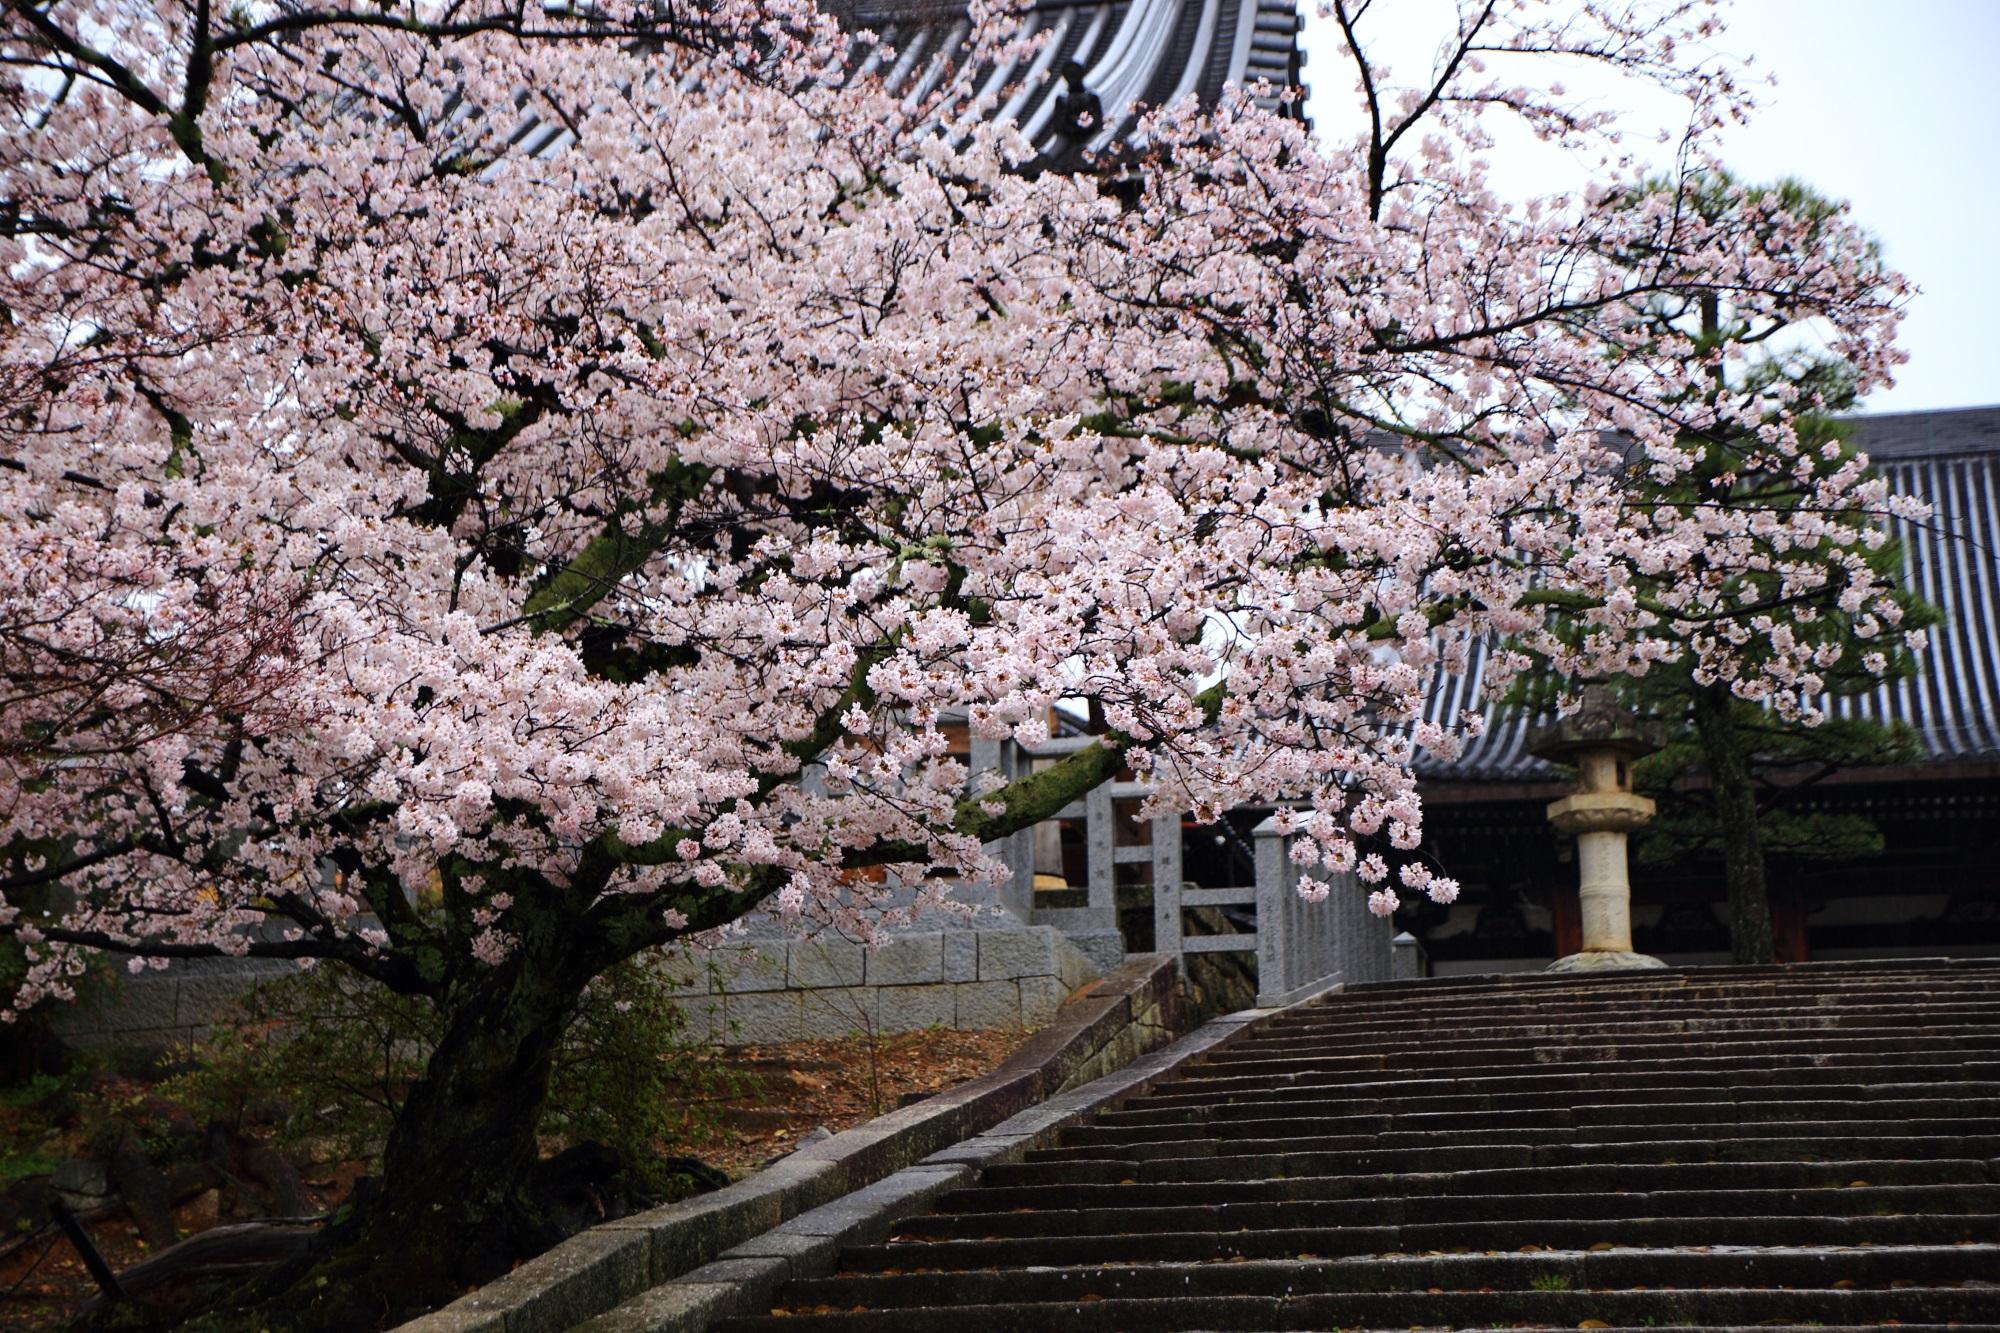 時代劇のロケなどに良く使われる石段と見事な桜